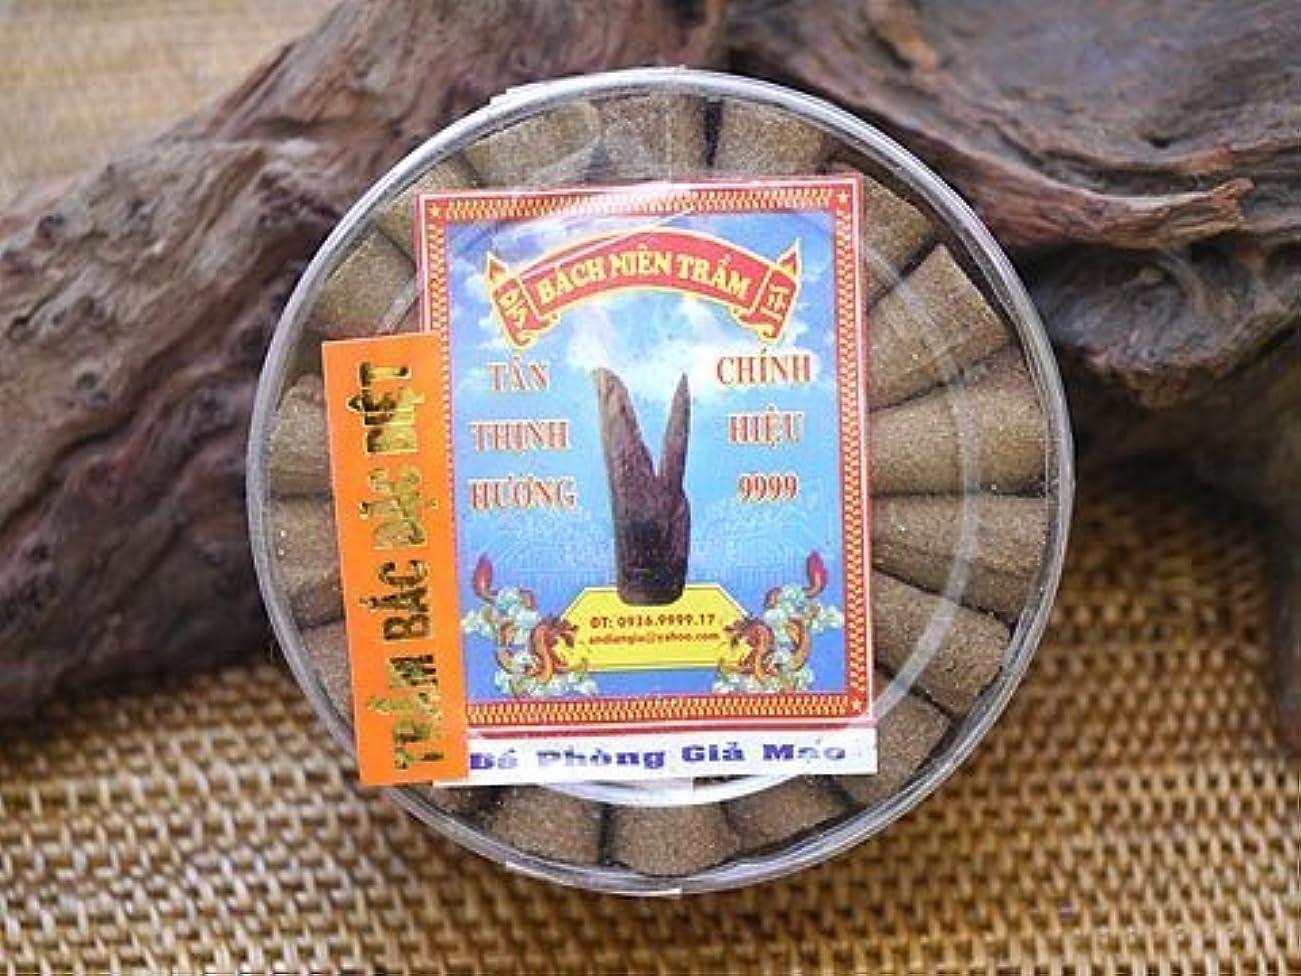 そこ鉄道駅大宇宙Vietnam Incense ベトナムのお香【コーン香】AN DIEN GIA社製